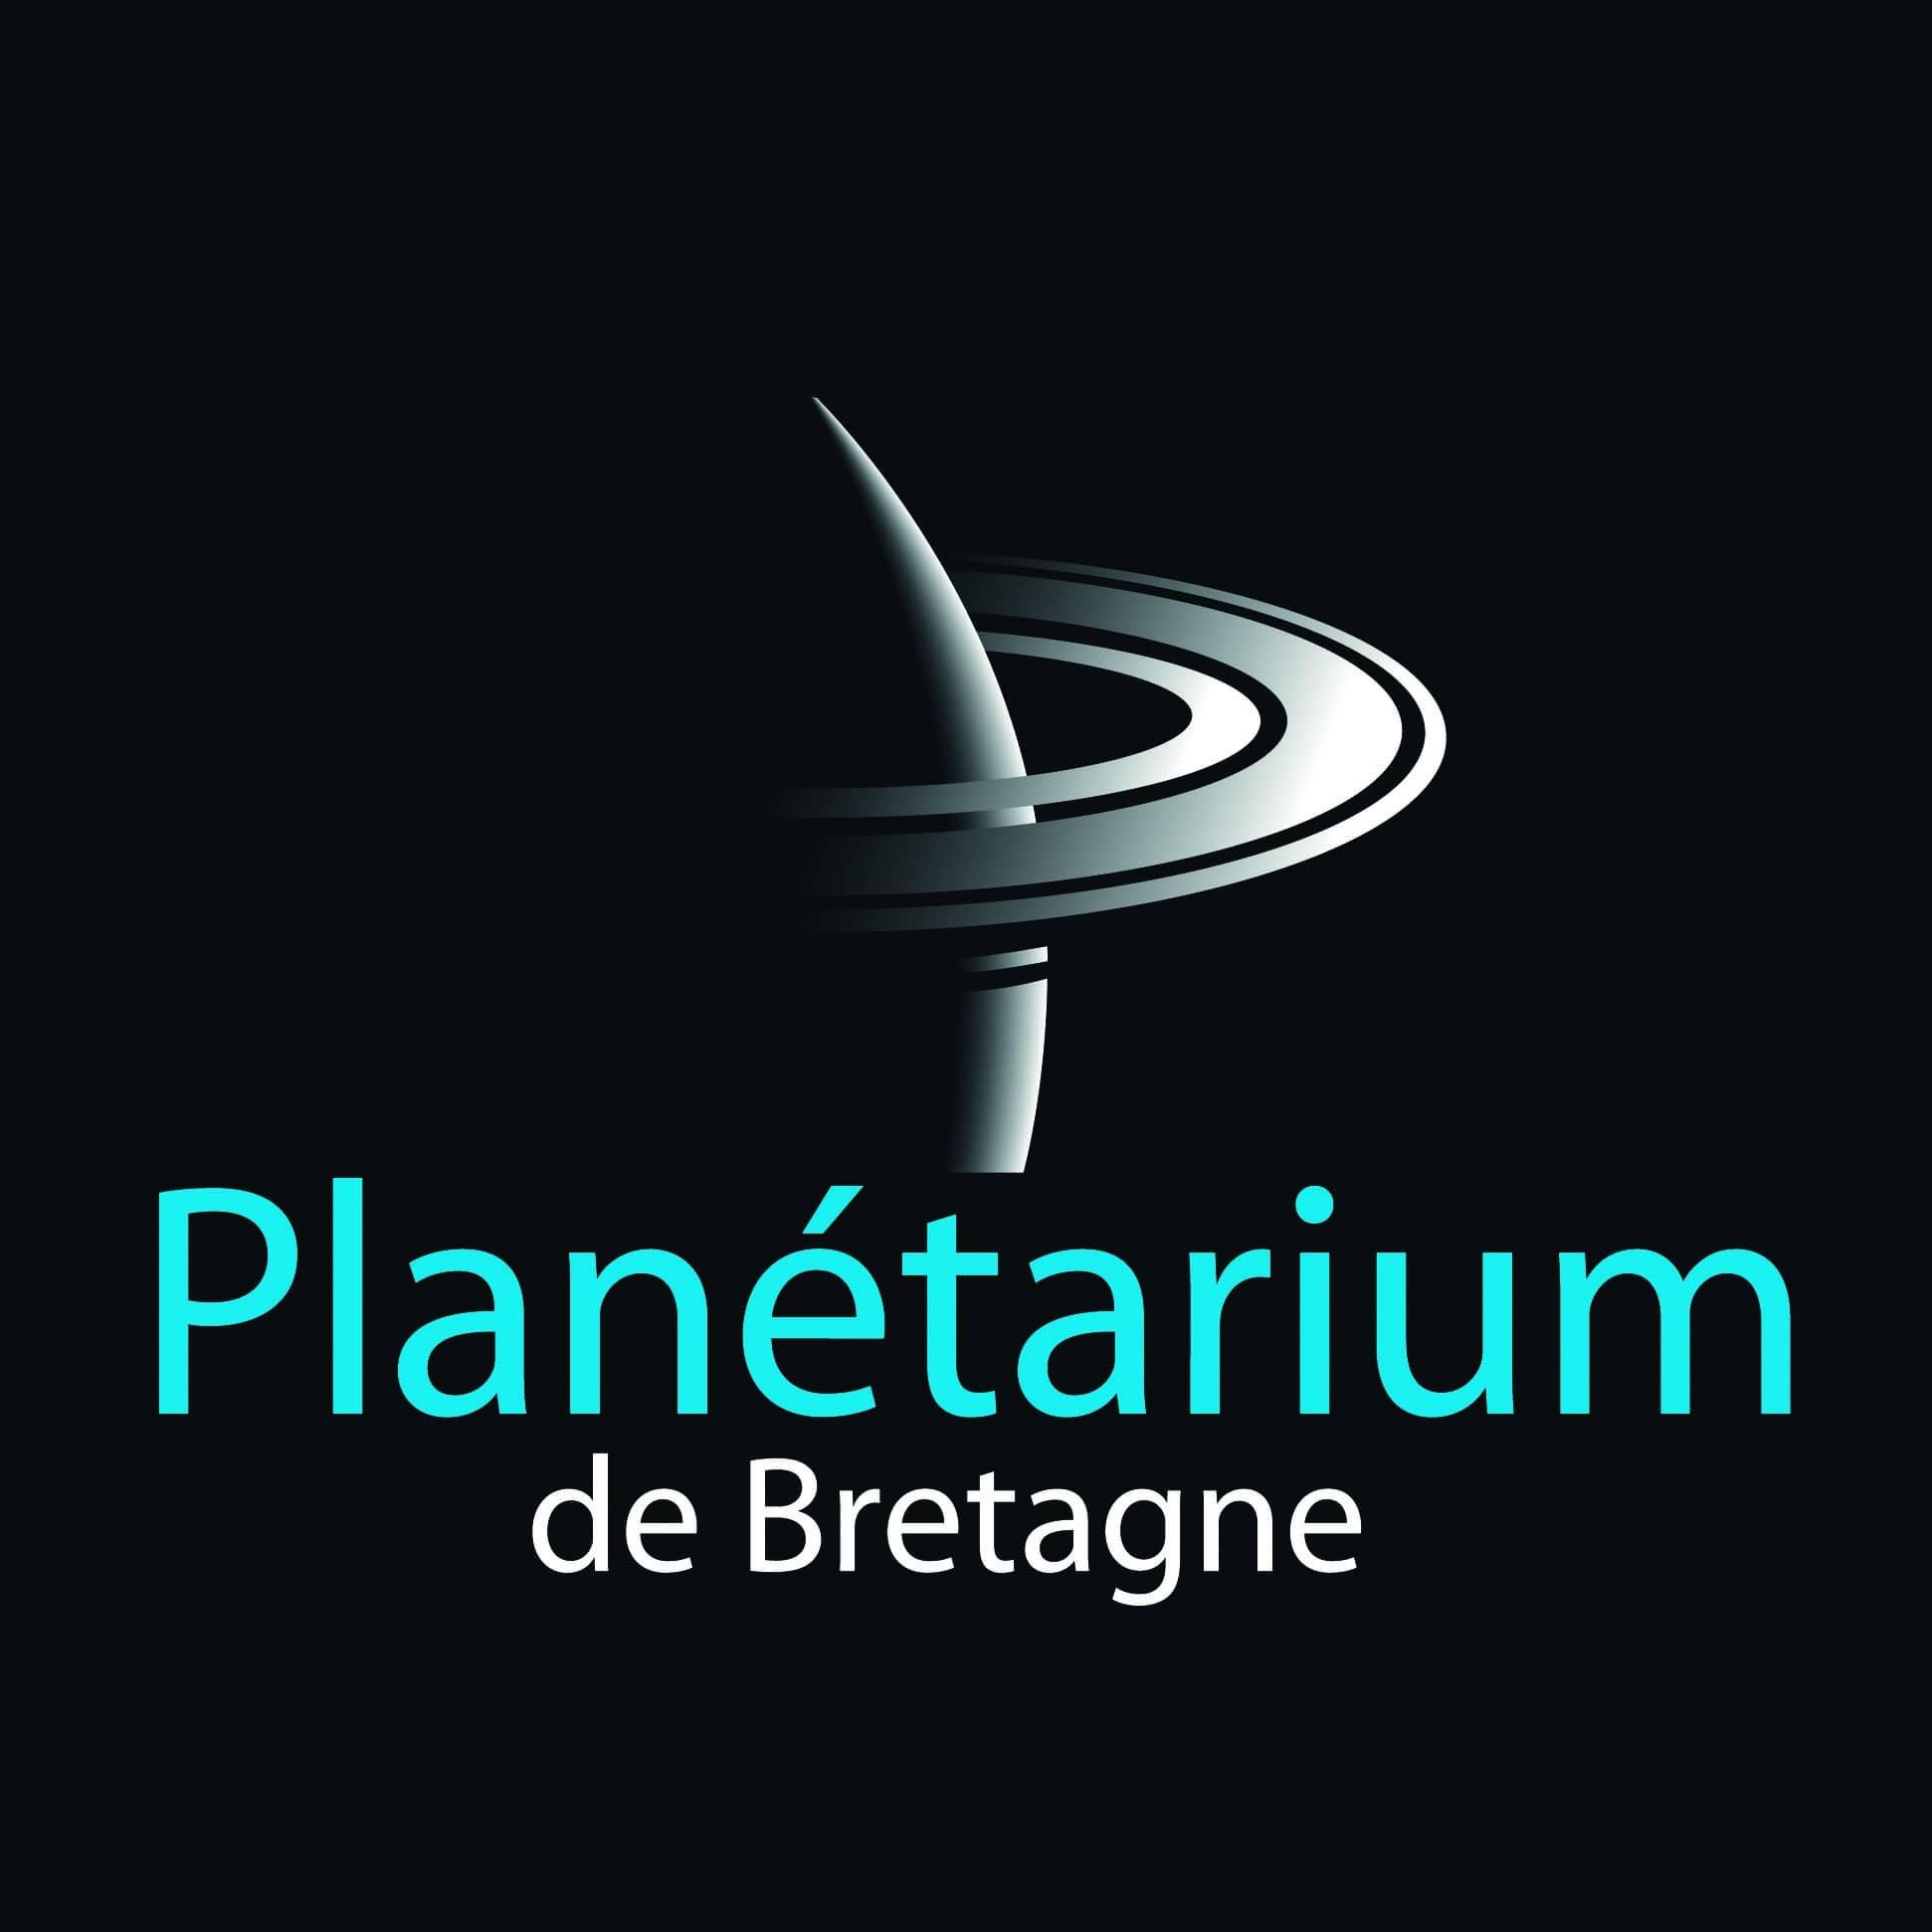 logo Planétarium de Bretagne